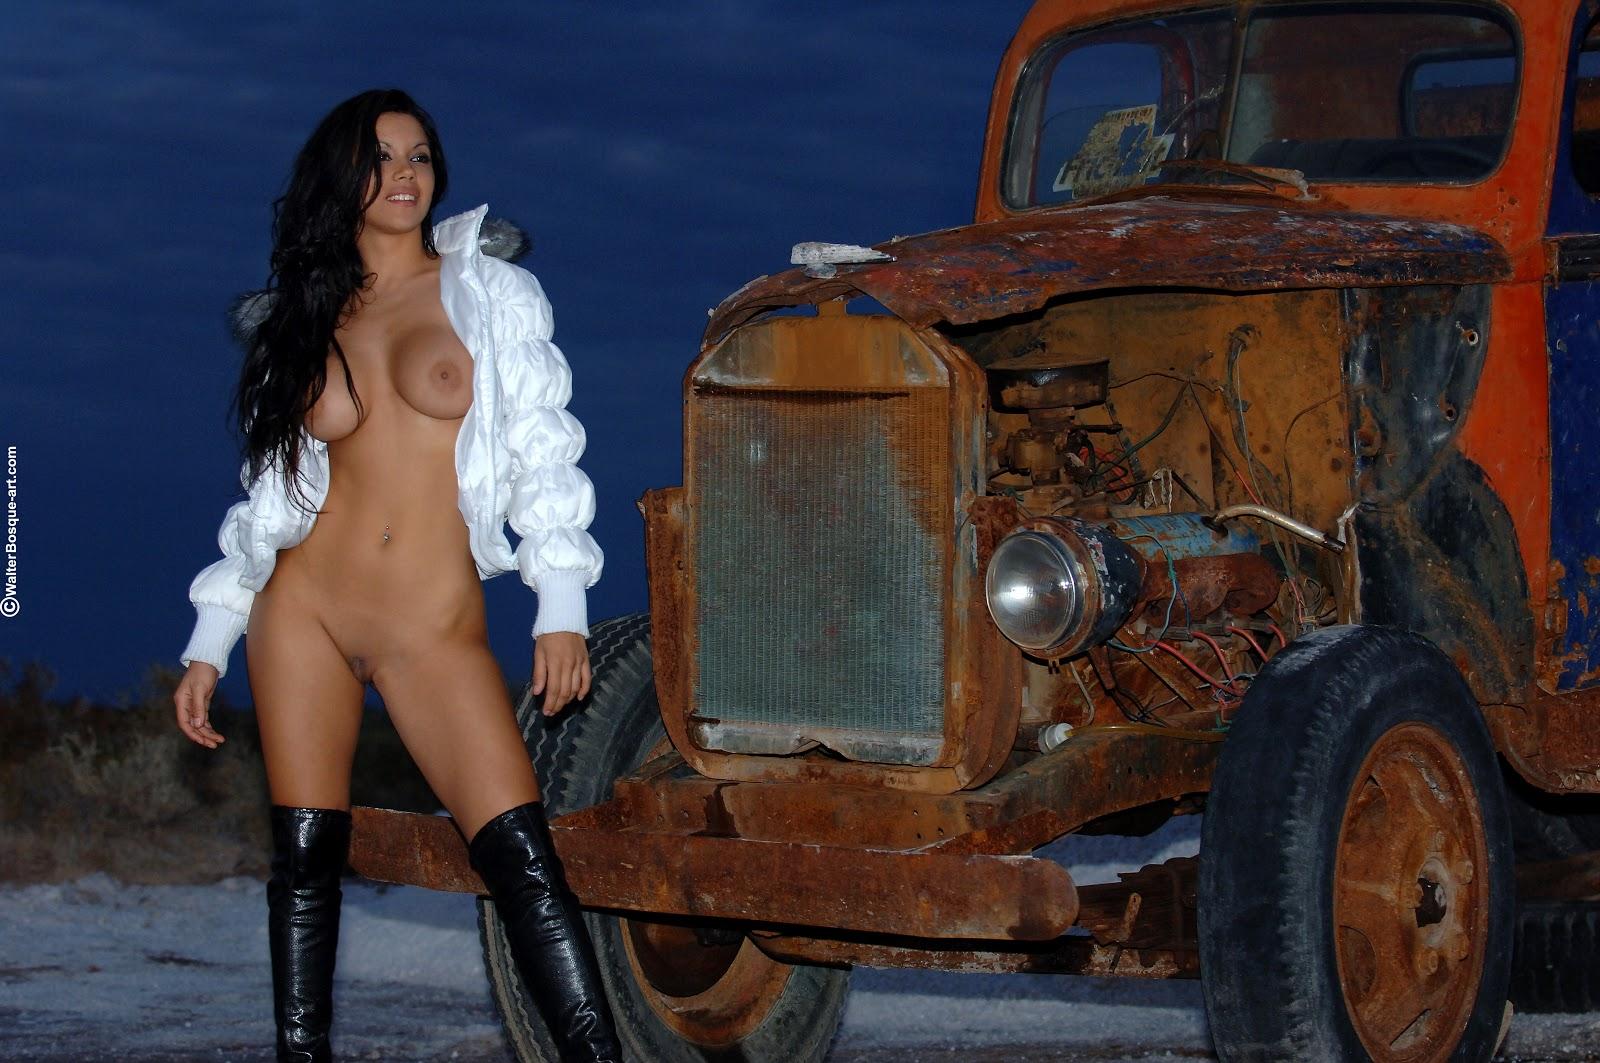 Секс в грузовиках 3 фотография